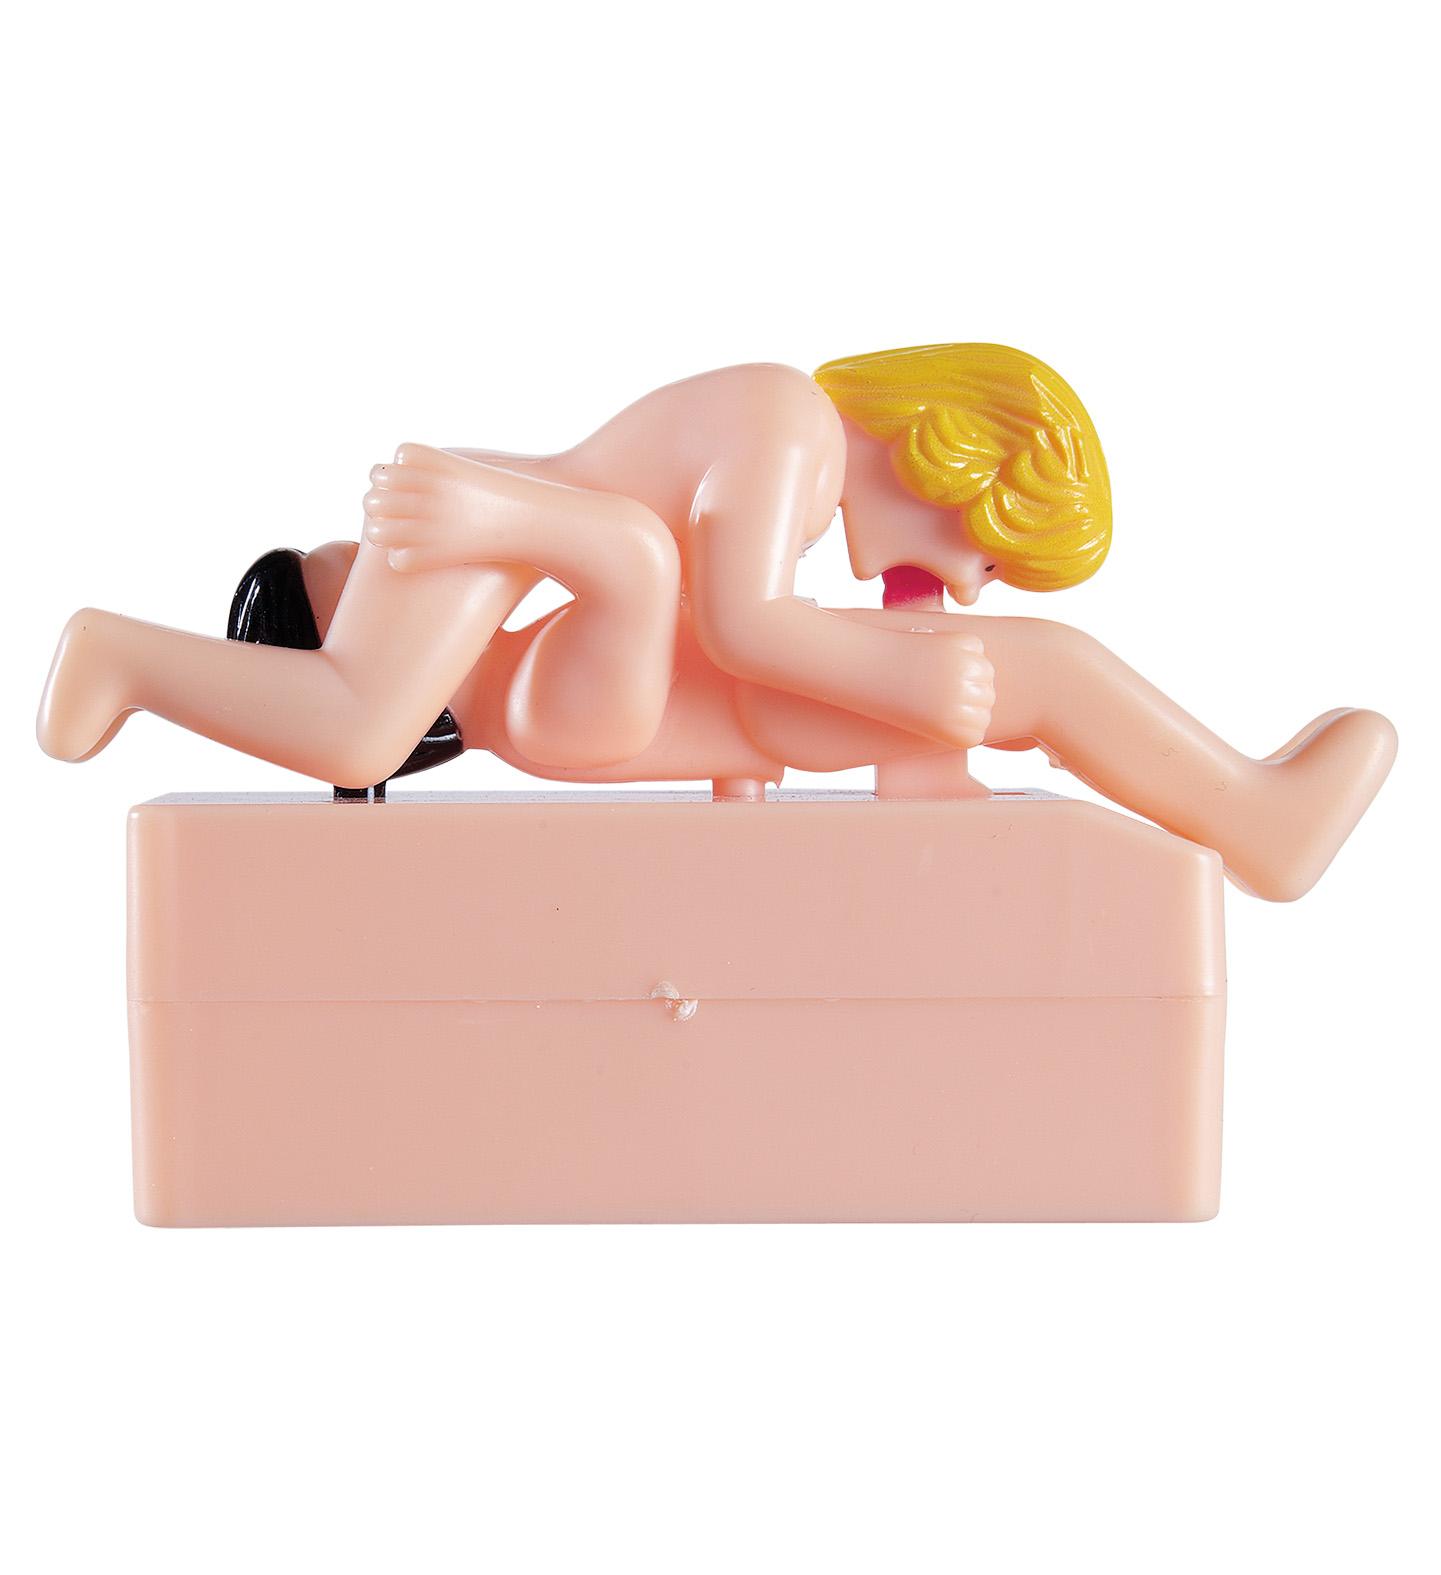 Αποριάτικες Φιγούρες Sex Με Κίνηση (4 Σχέδια, Πωλούνται Χωριστά)